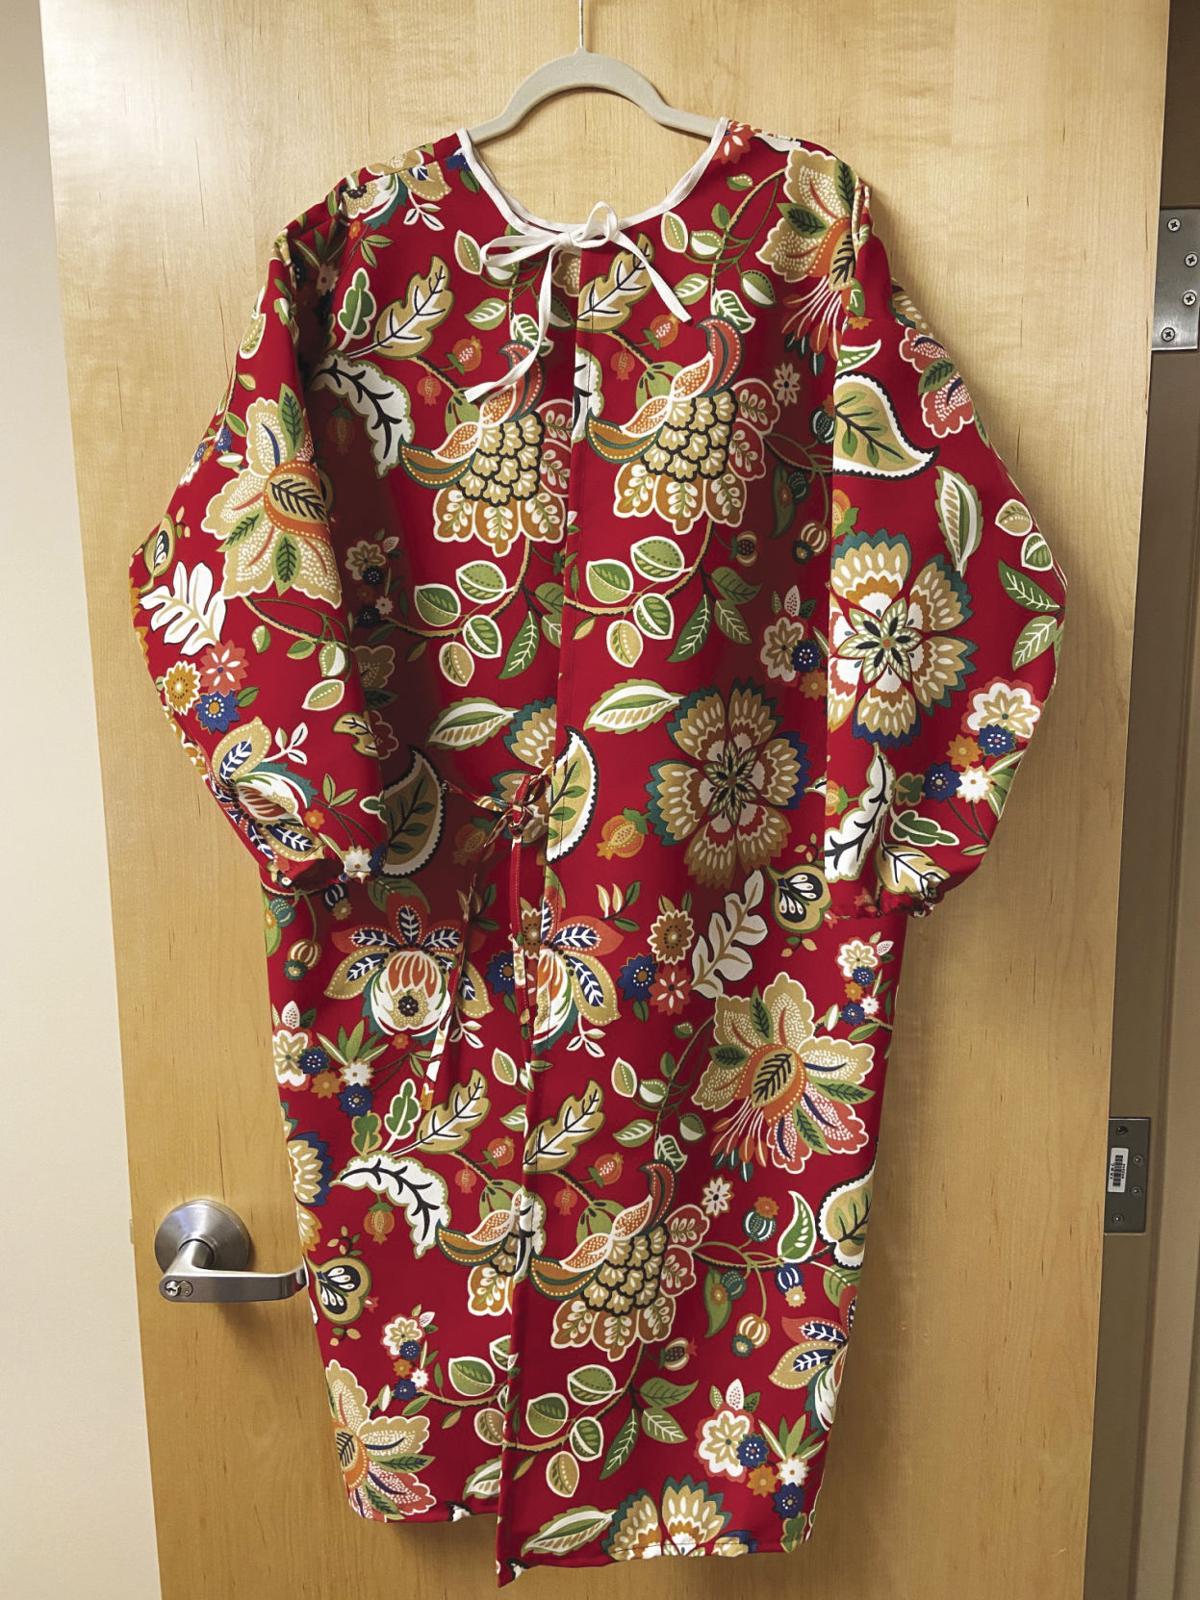 Prototype gown